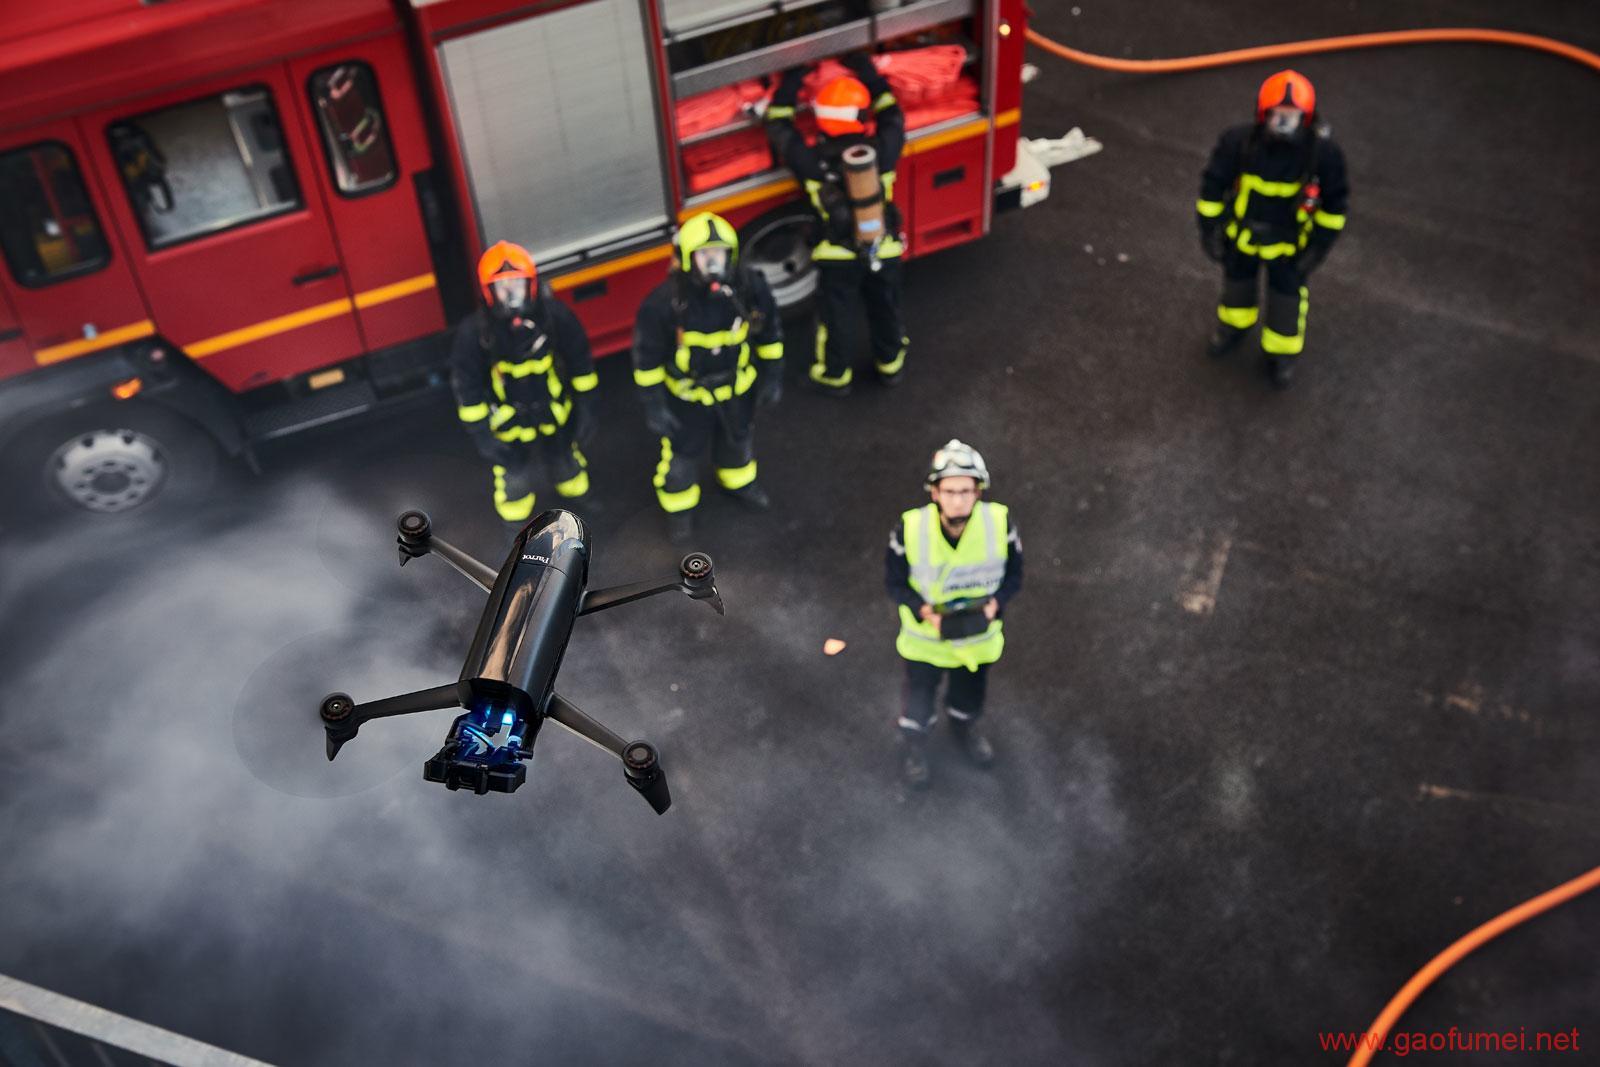 法国无人机公司Parrot推出两款新品下火场上农田开拓专业领域